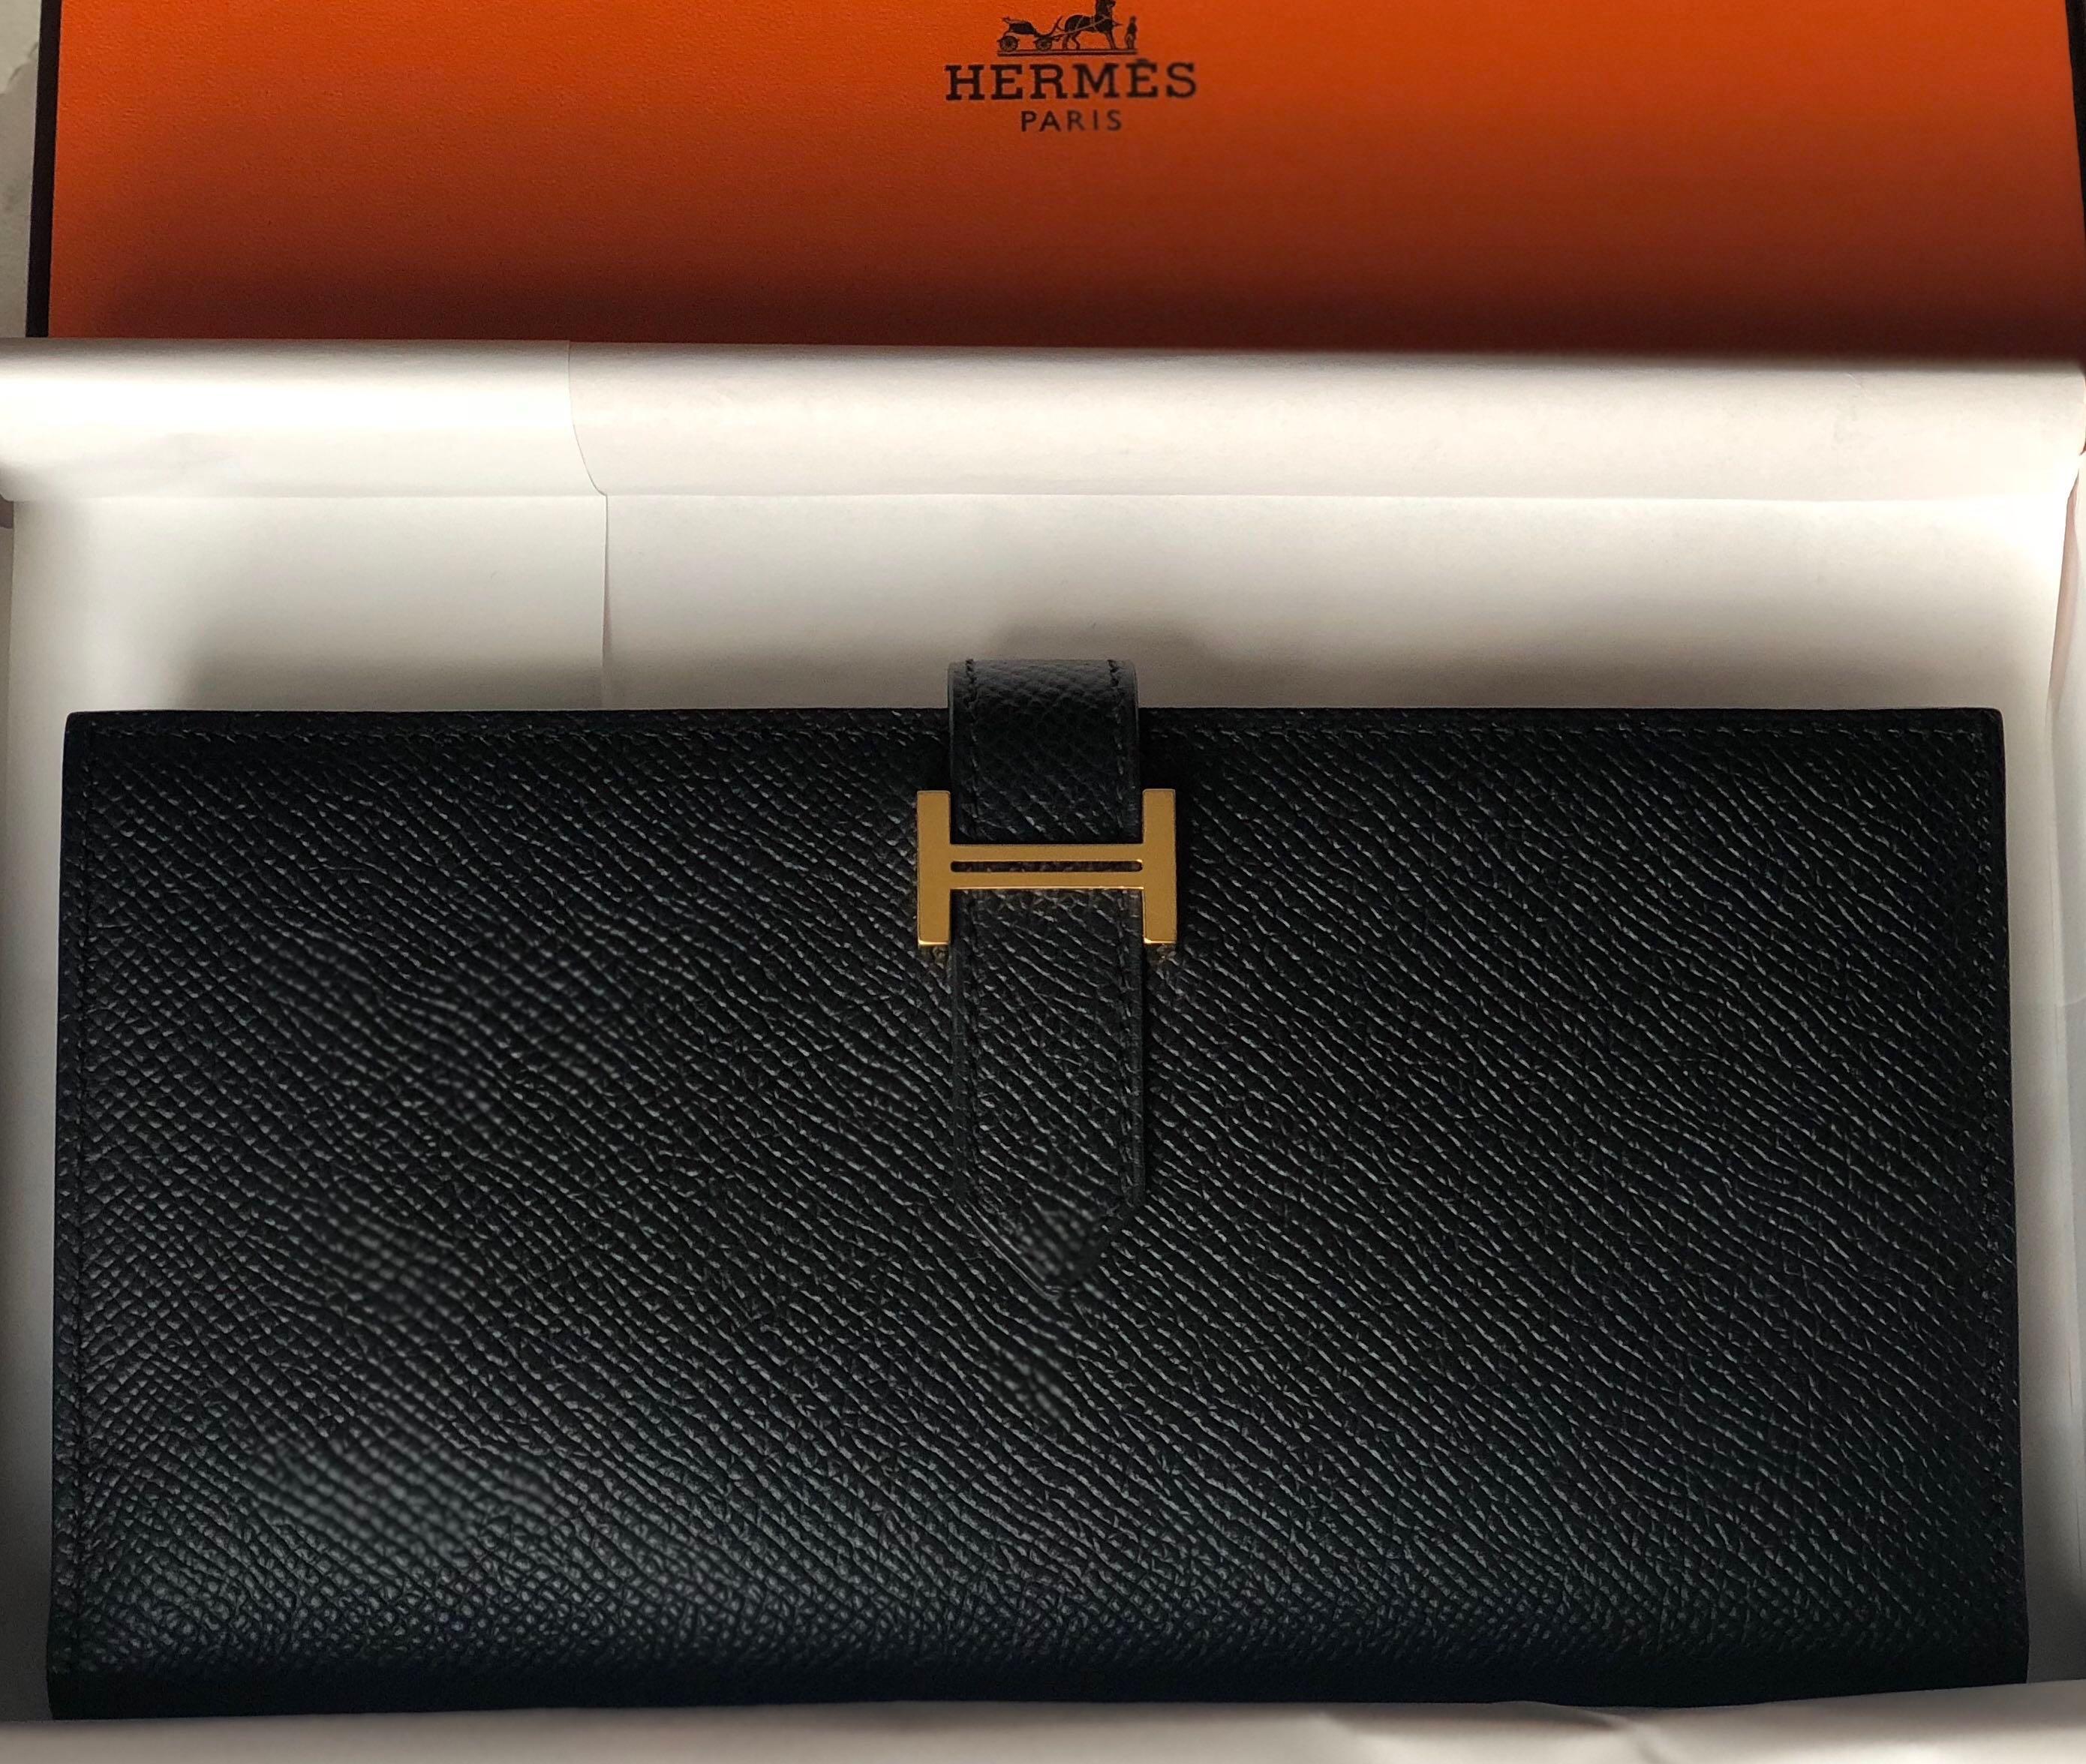 9a4eaa6b7e03 Best Deal! Hermes Bearn Wallet Epsom GHW!